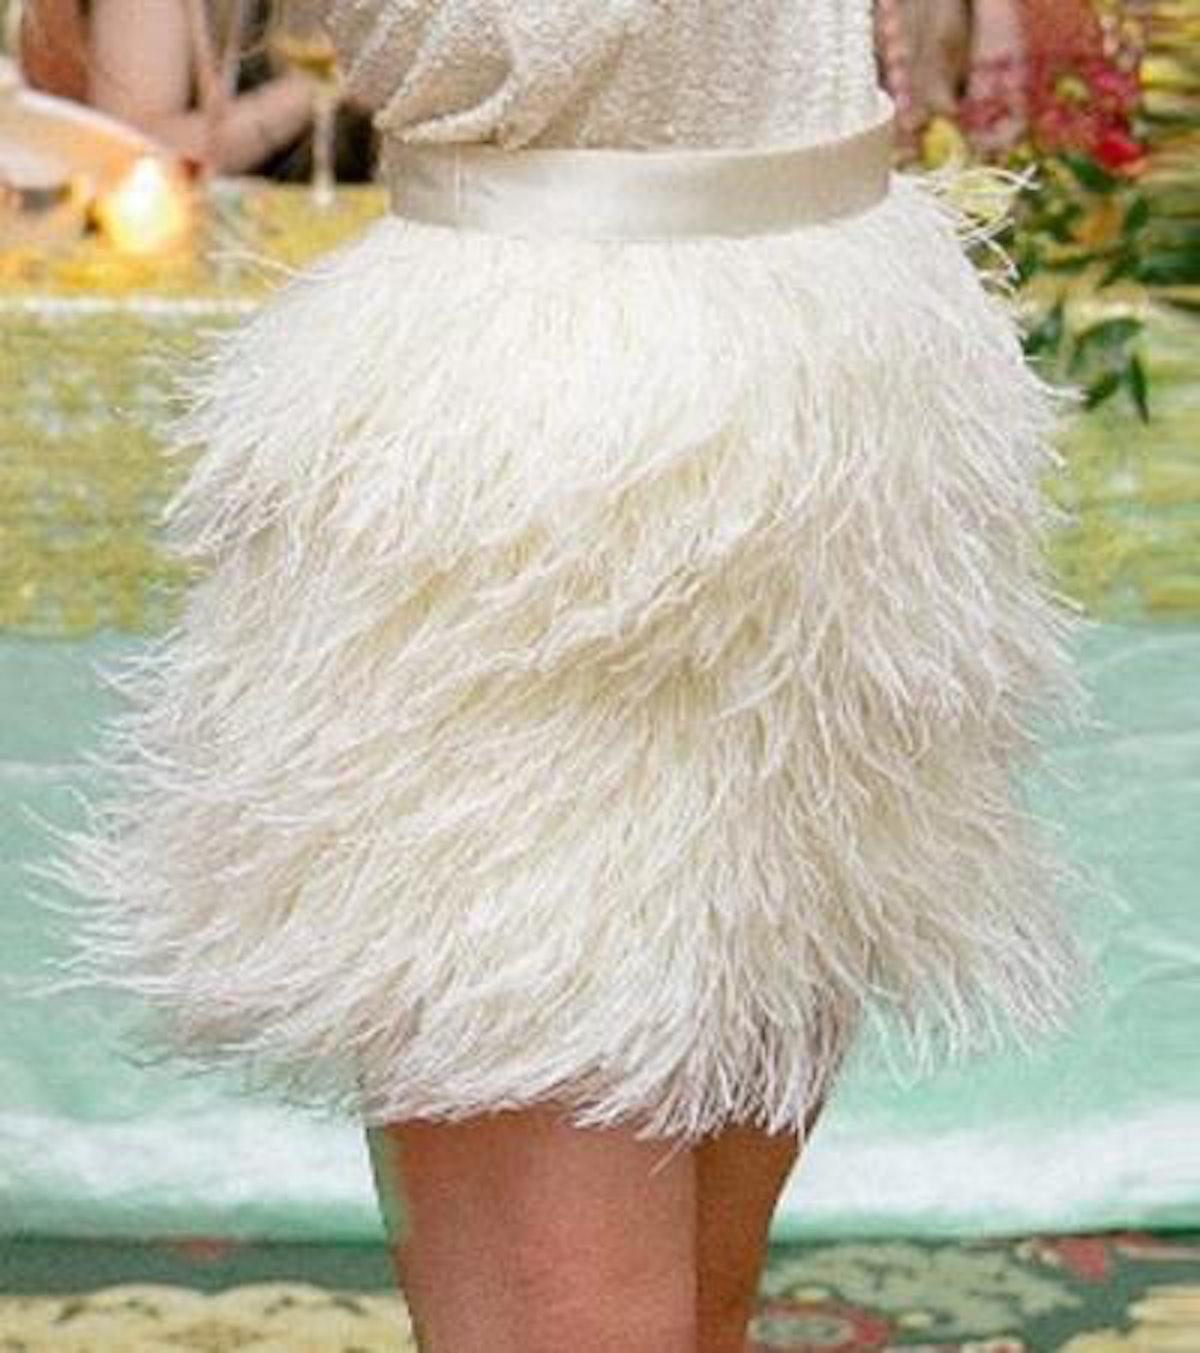 Ultamodan US High Waist Feather Skirt